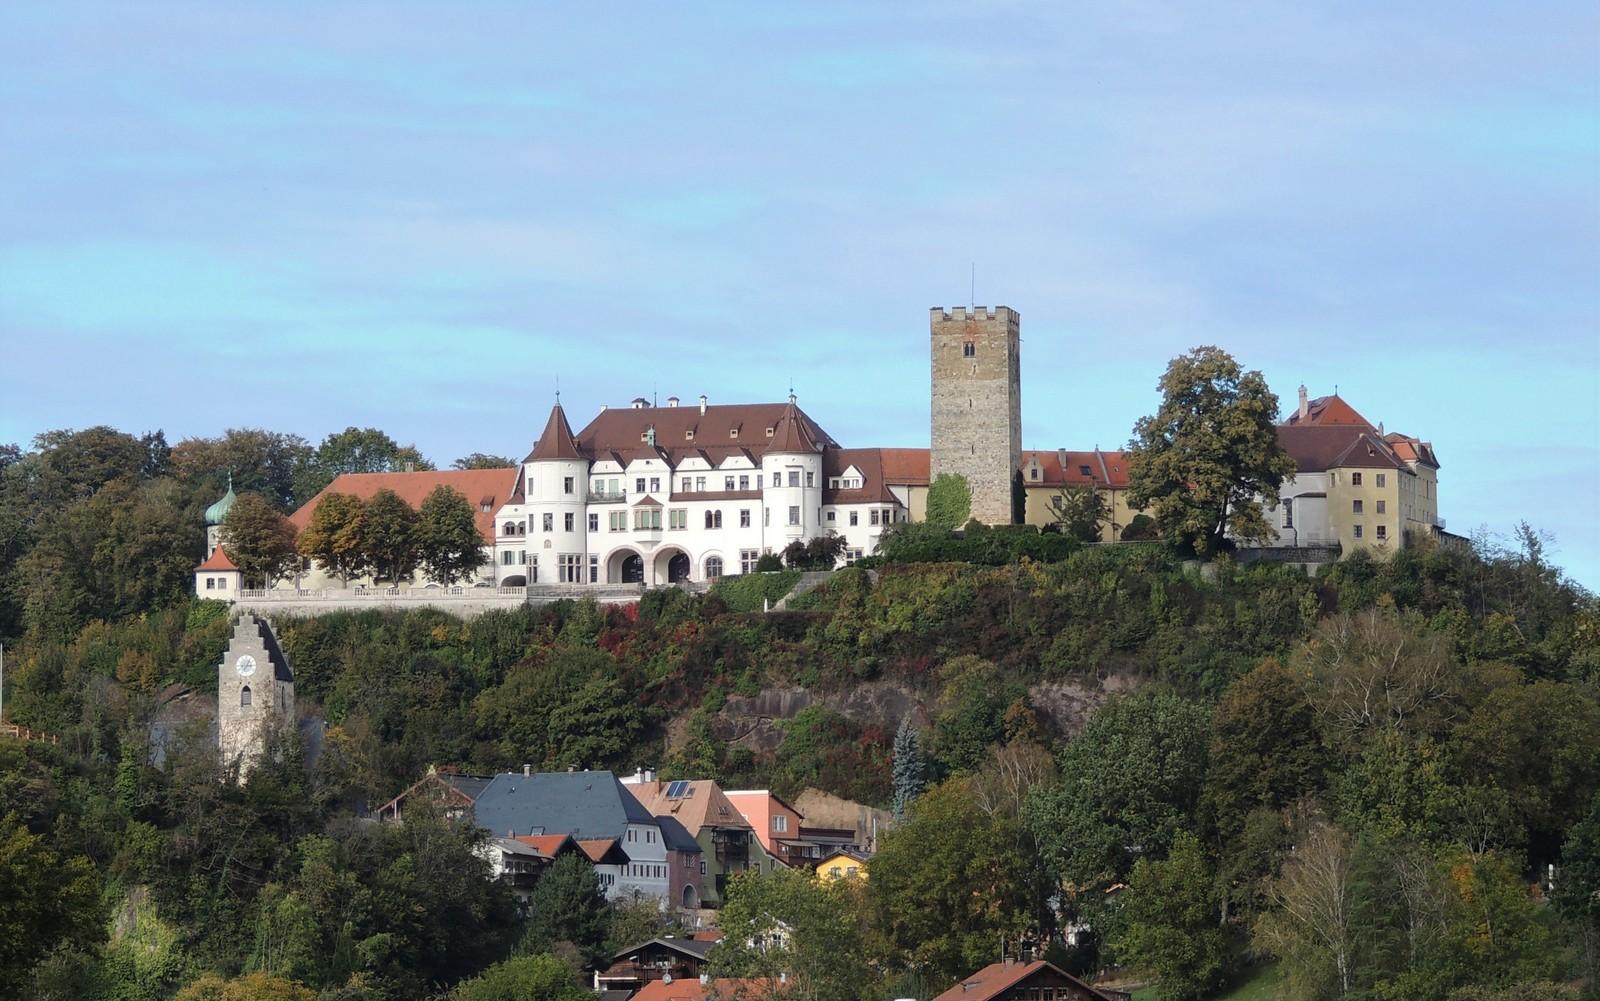 Neubeuern im Bayerischen Inntal